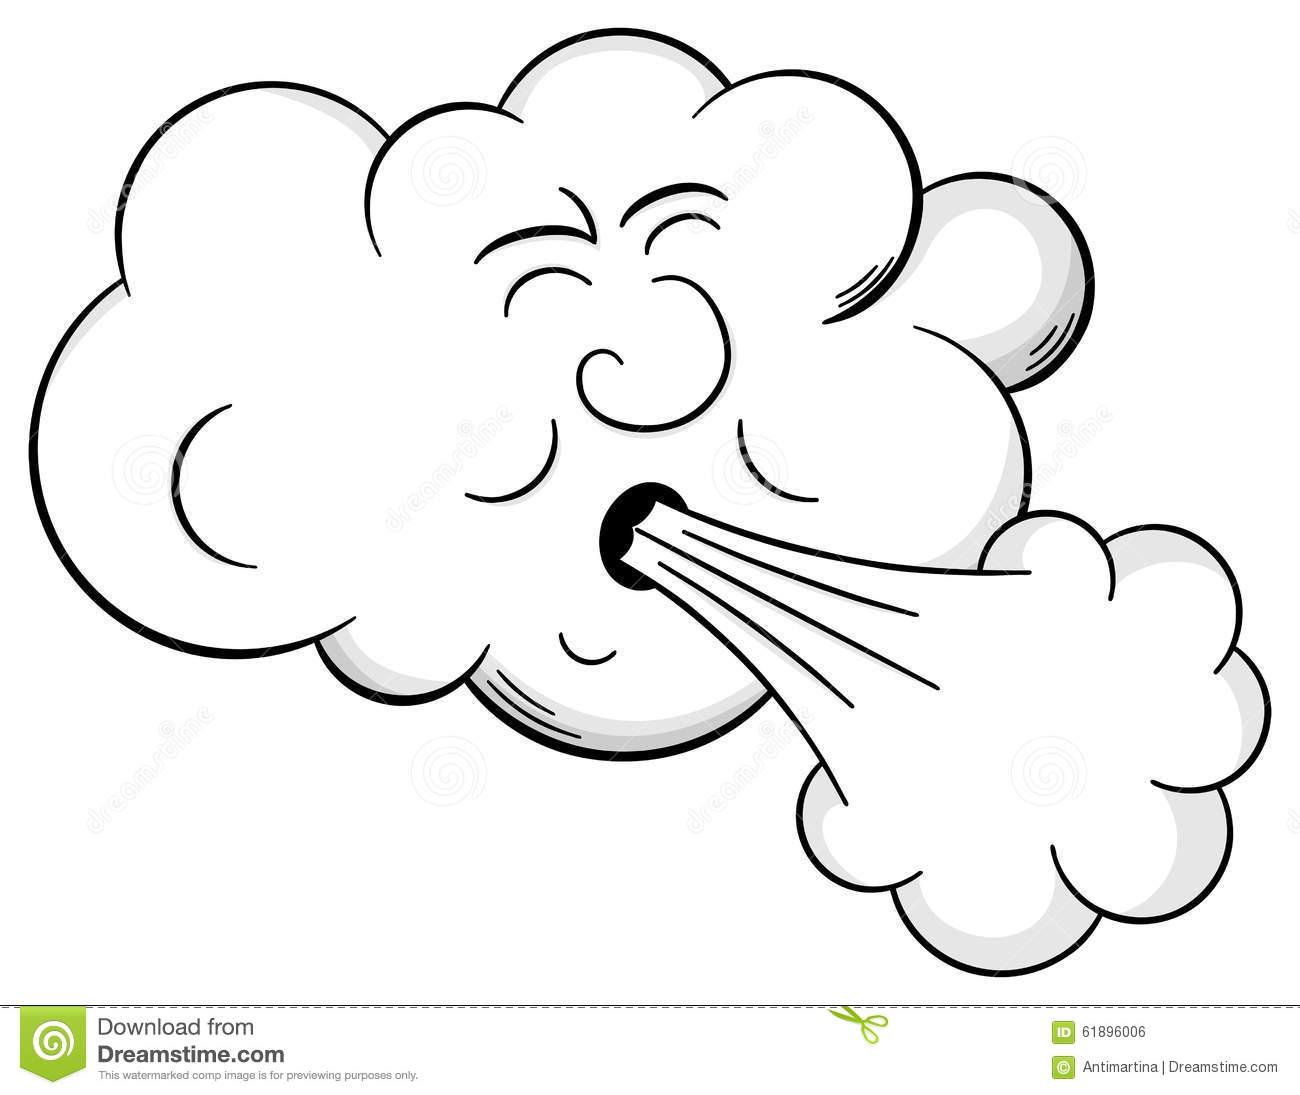 Filosof a para maestros que es el viento - Dessiner le vent ...